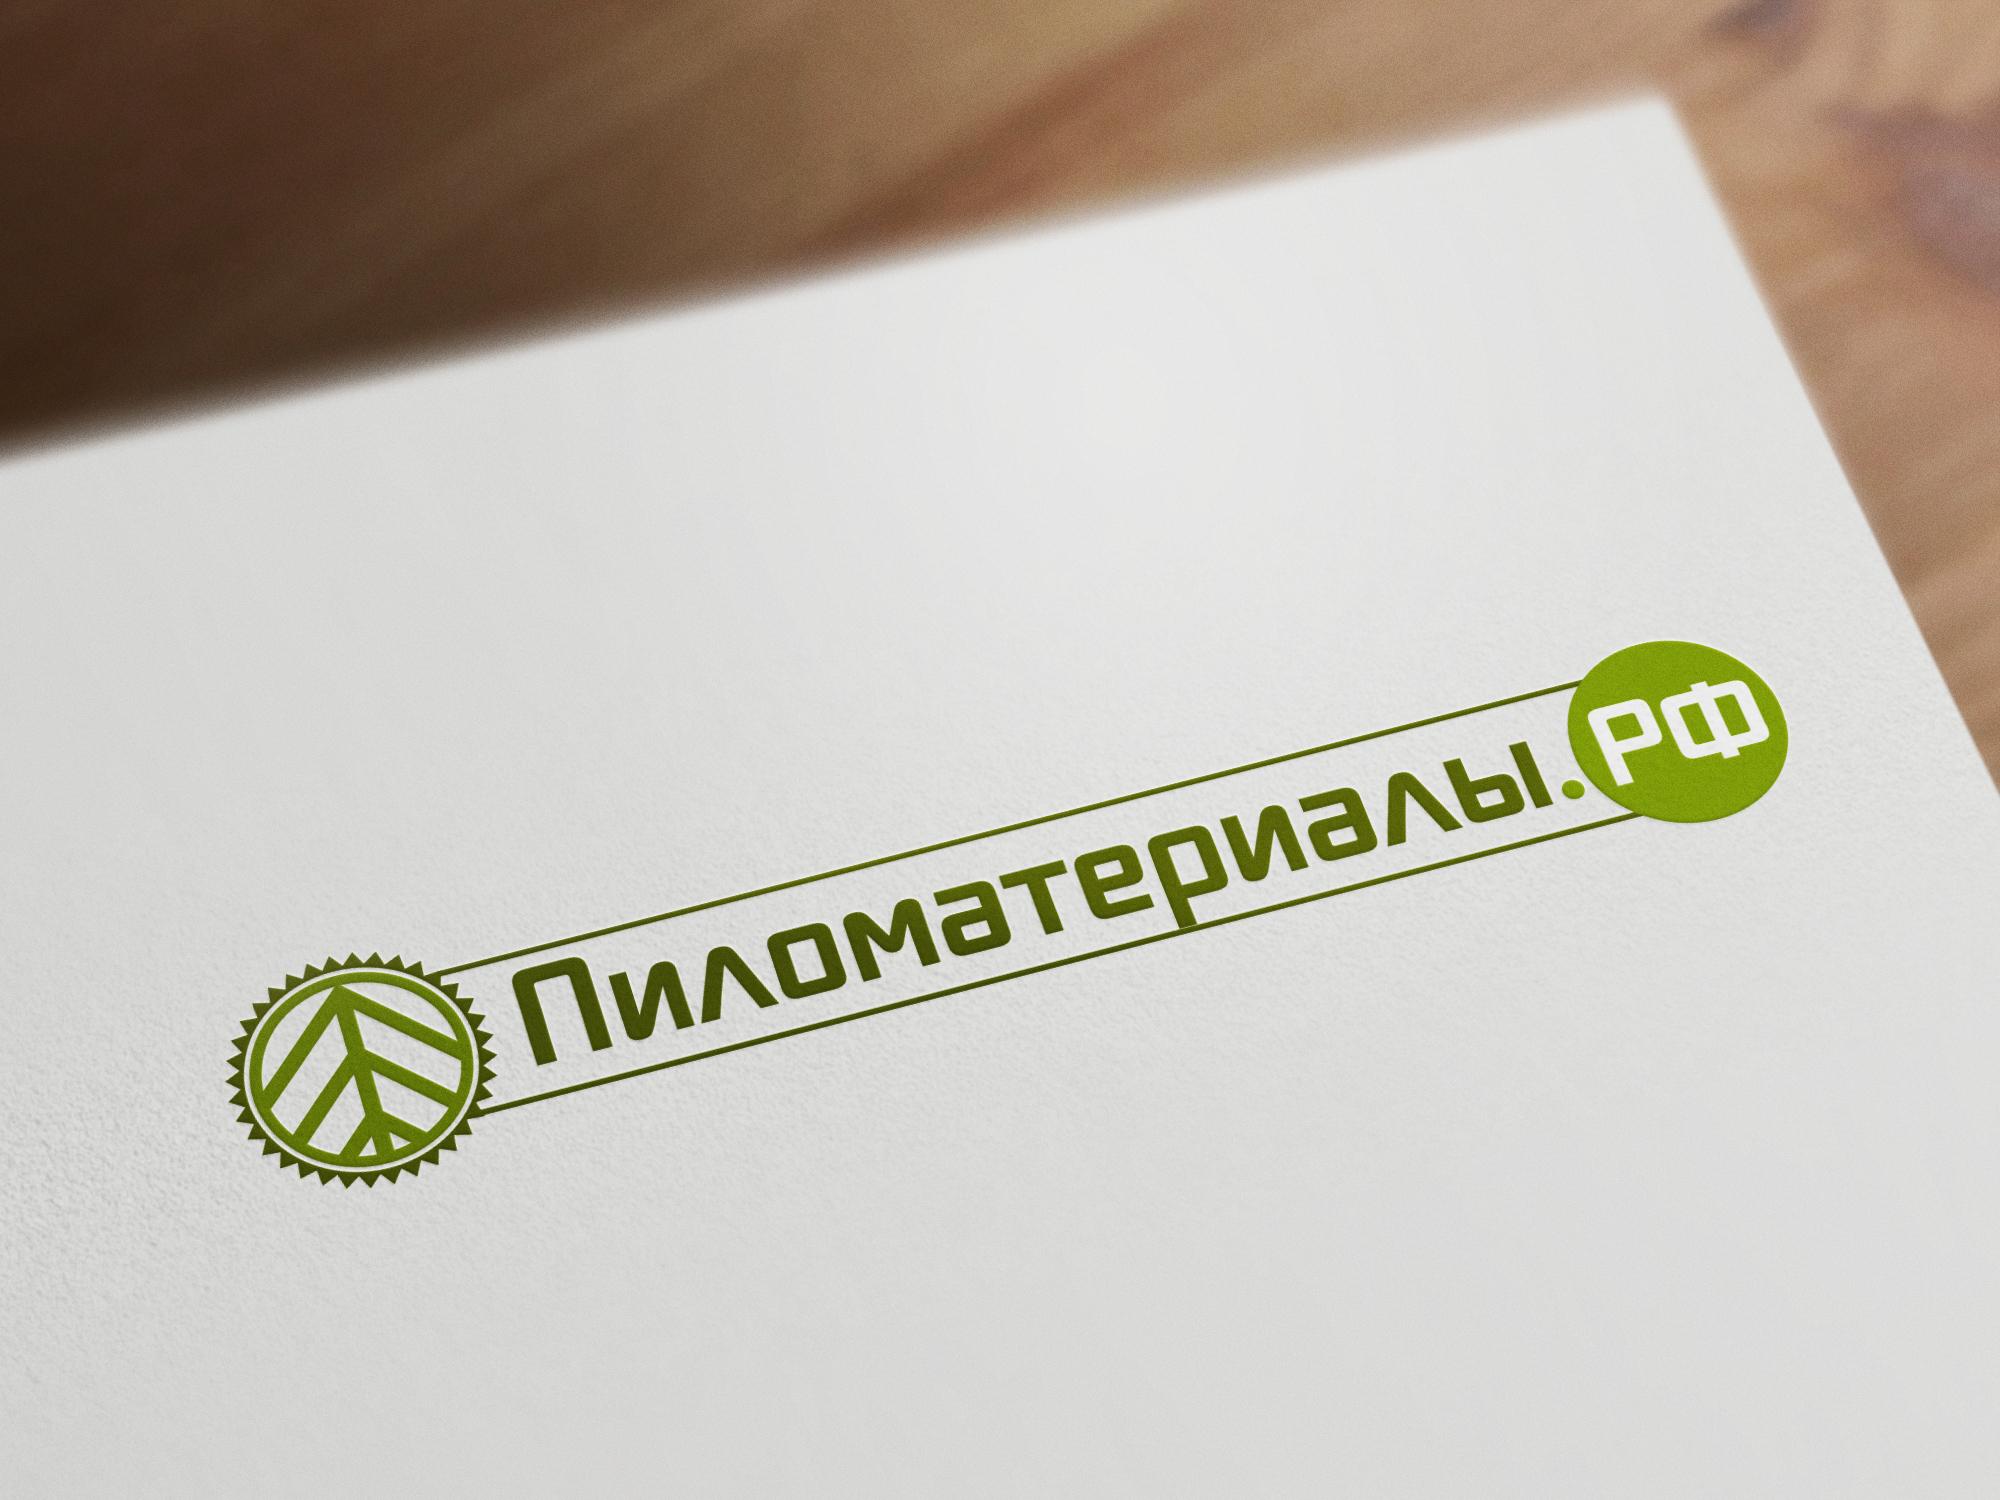 """Создание логотипа и фирменного стиля """"Пиломатериалы.РФ"""" фото f_99752fb59f541b19.jpg"""